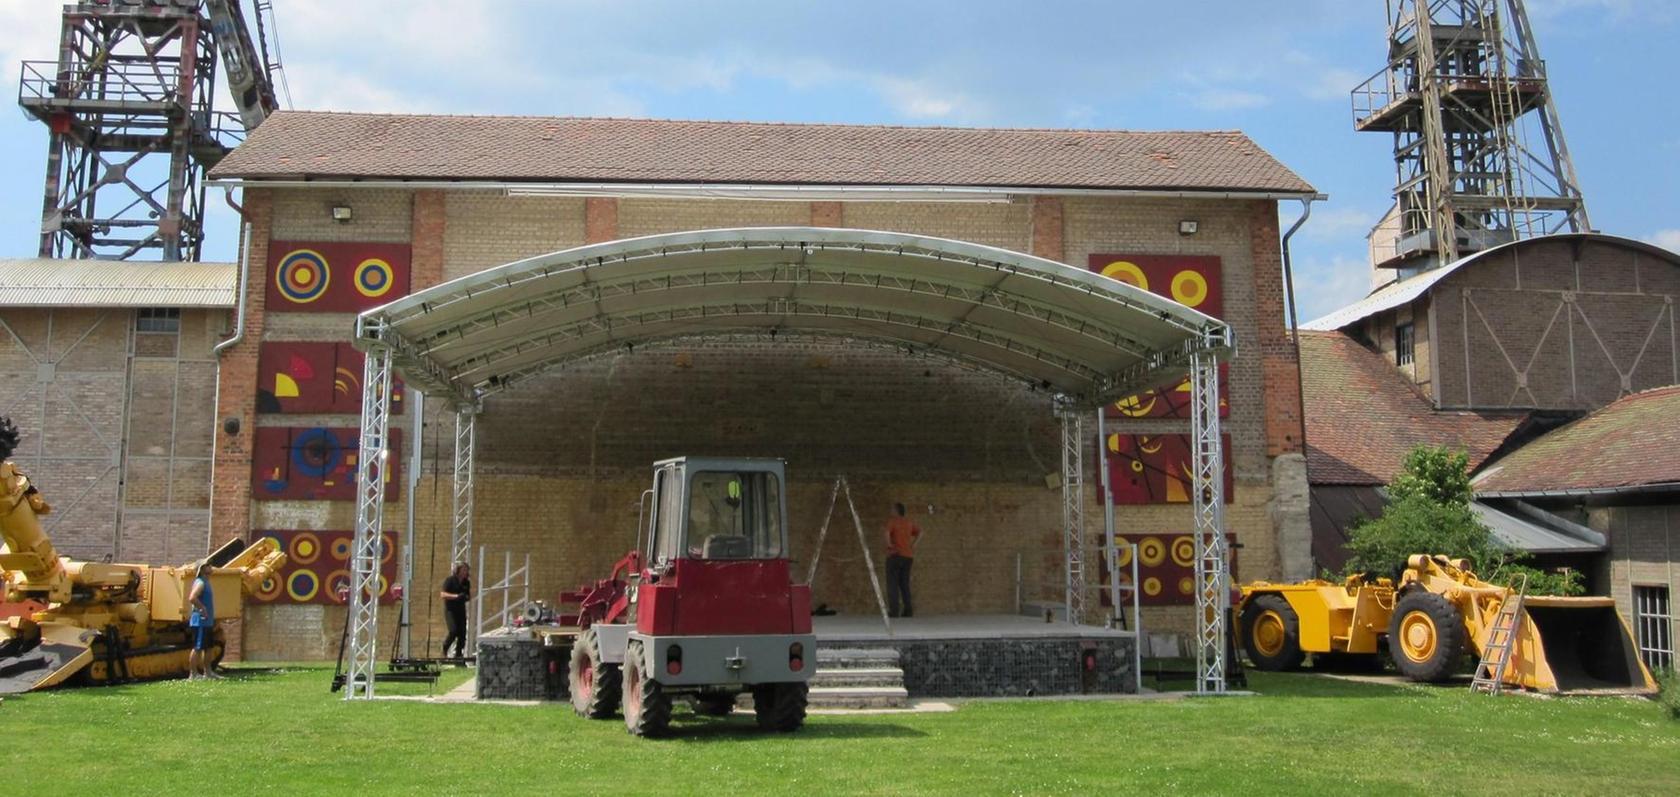 Der Aufbau der neuen Freilichtbühe auf dem Gelände des Bergbaumuseums Maffeischächte in Auerbach erforderte viel Arbeit, wird sich aber lohnen, hoffen die Initiatoren.